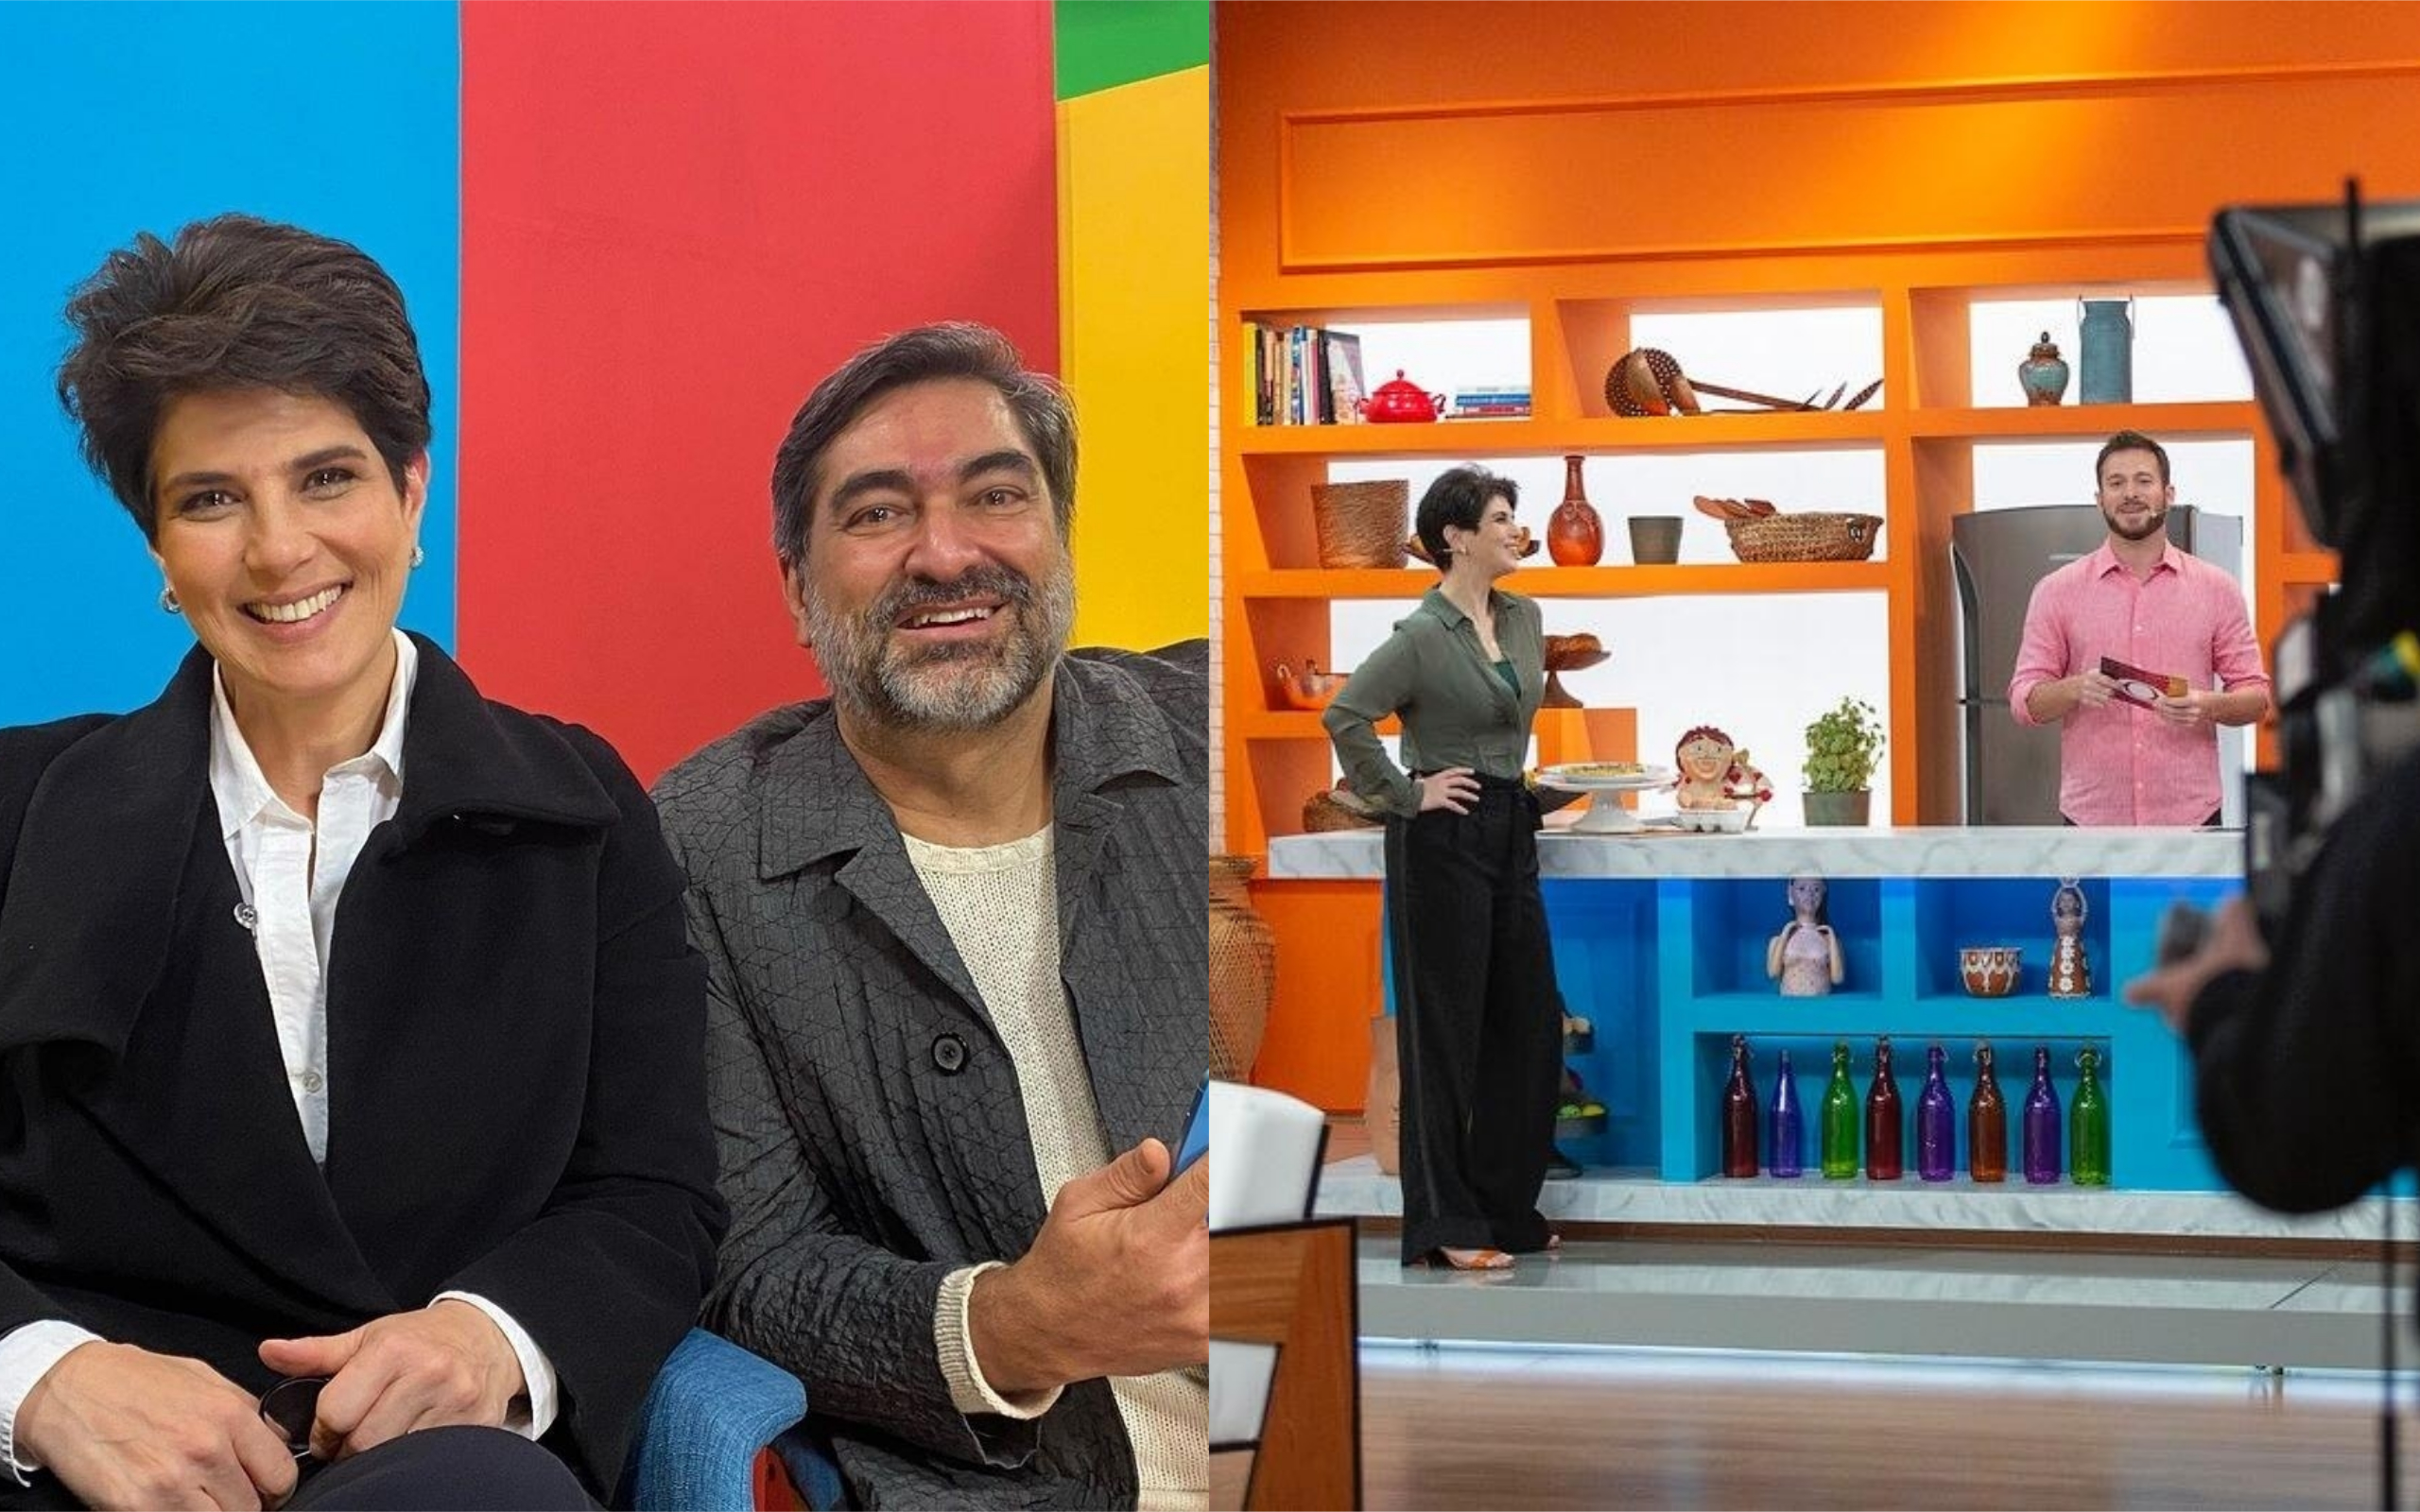 Mariana Godoy e Zeca Camargo com novo programa na Band (Foto: Divulgação)